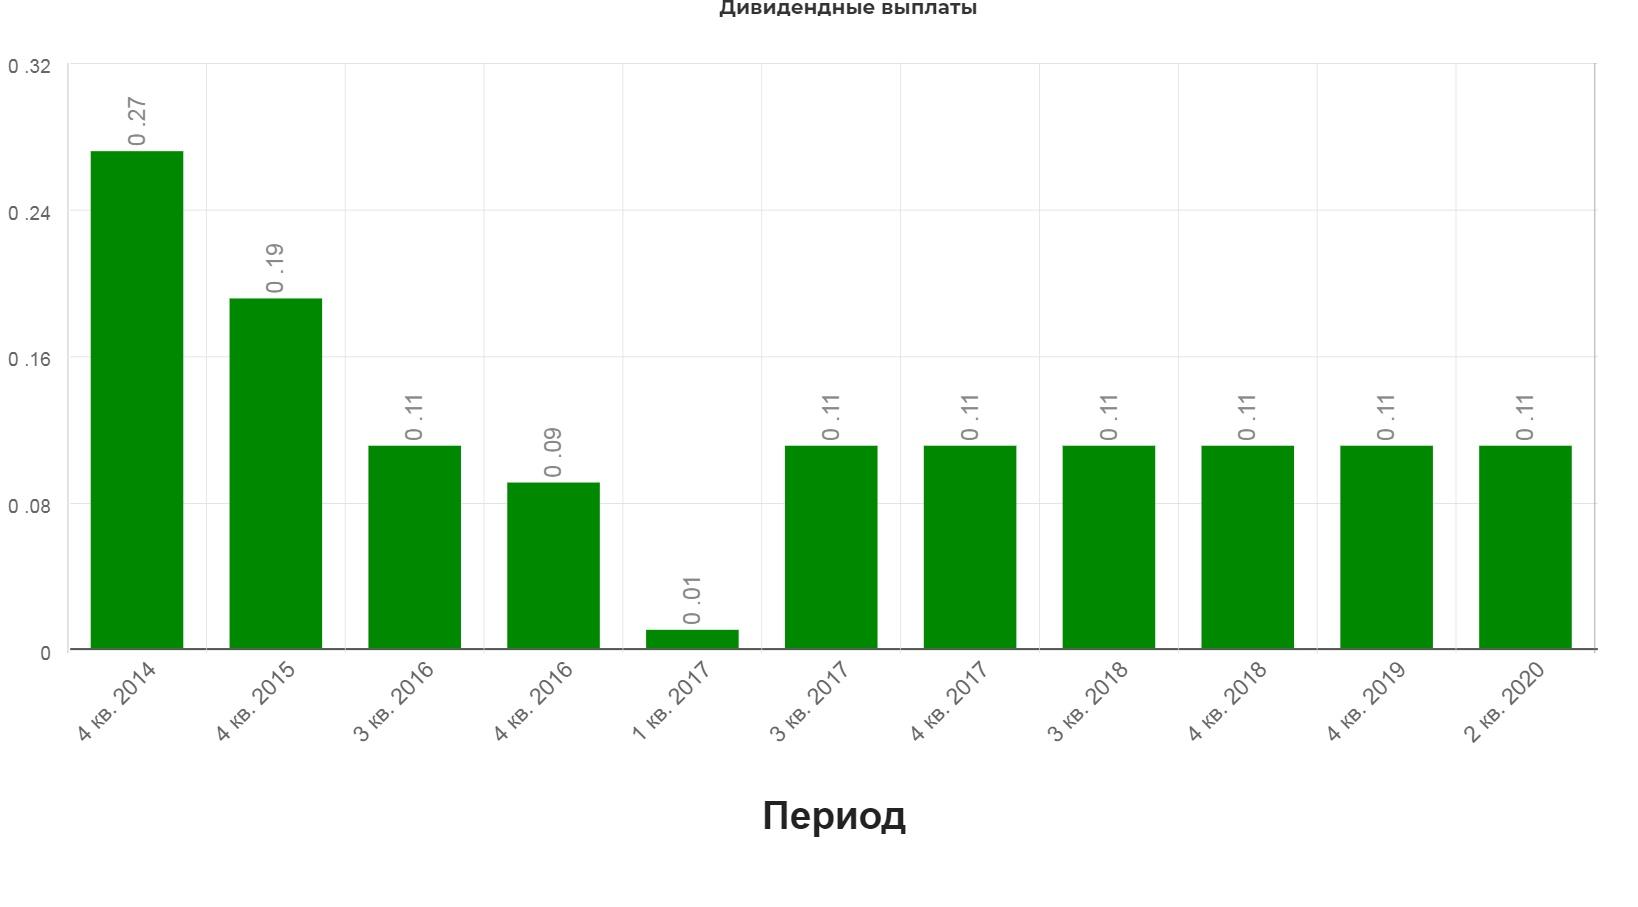 Юнипро. Обзор финансовых показателей 1кв 2020 года по МСФО. Обзор дивидендов. Жадный инвестор обиделся, разумный одобрил.